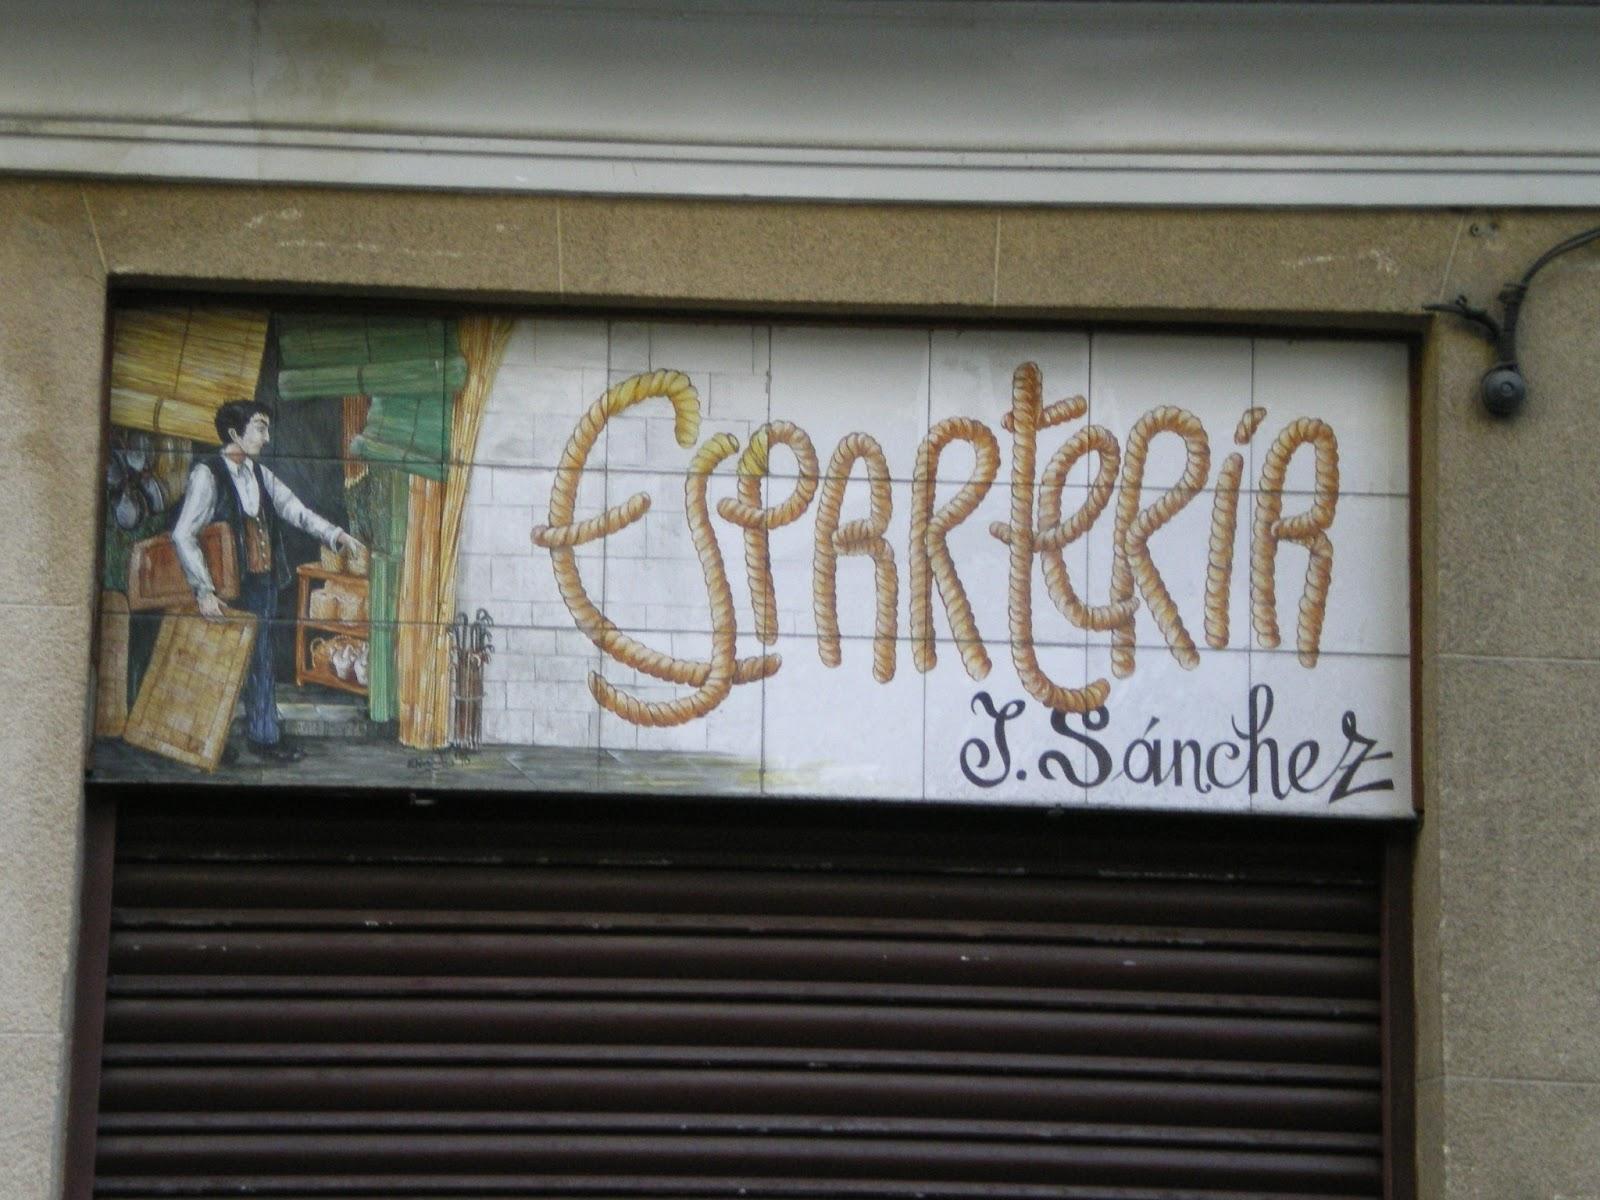 Palabrer a aprende espa ol callejeando por madrid - Esparteria juan sanchez ...